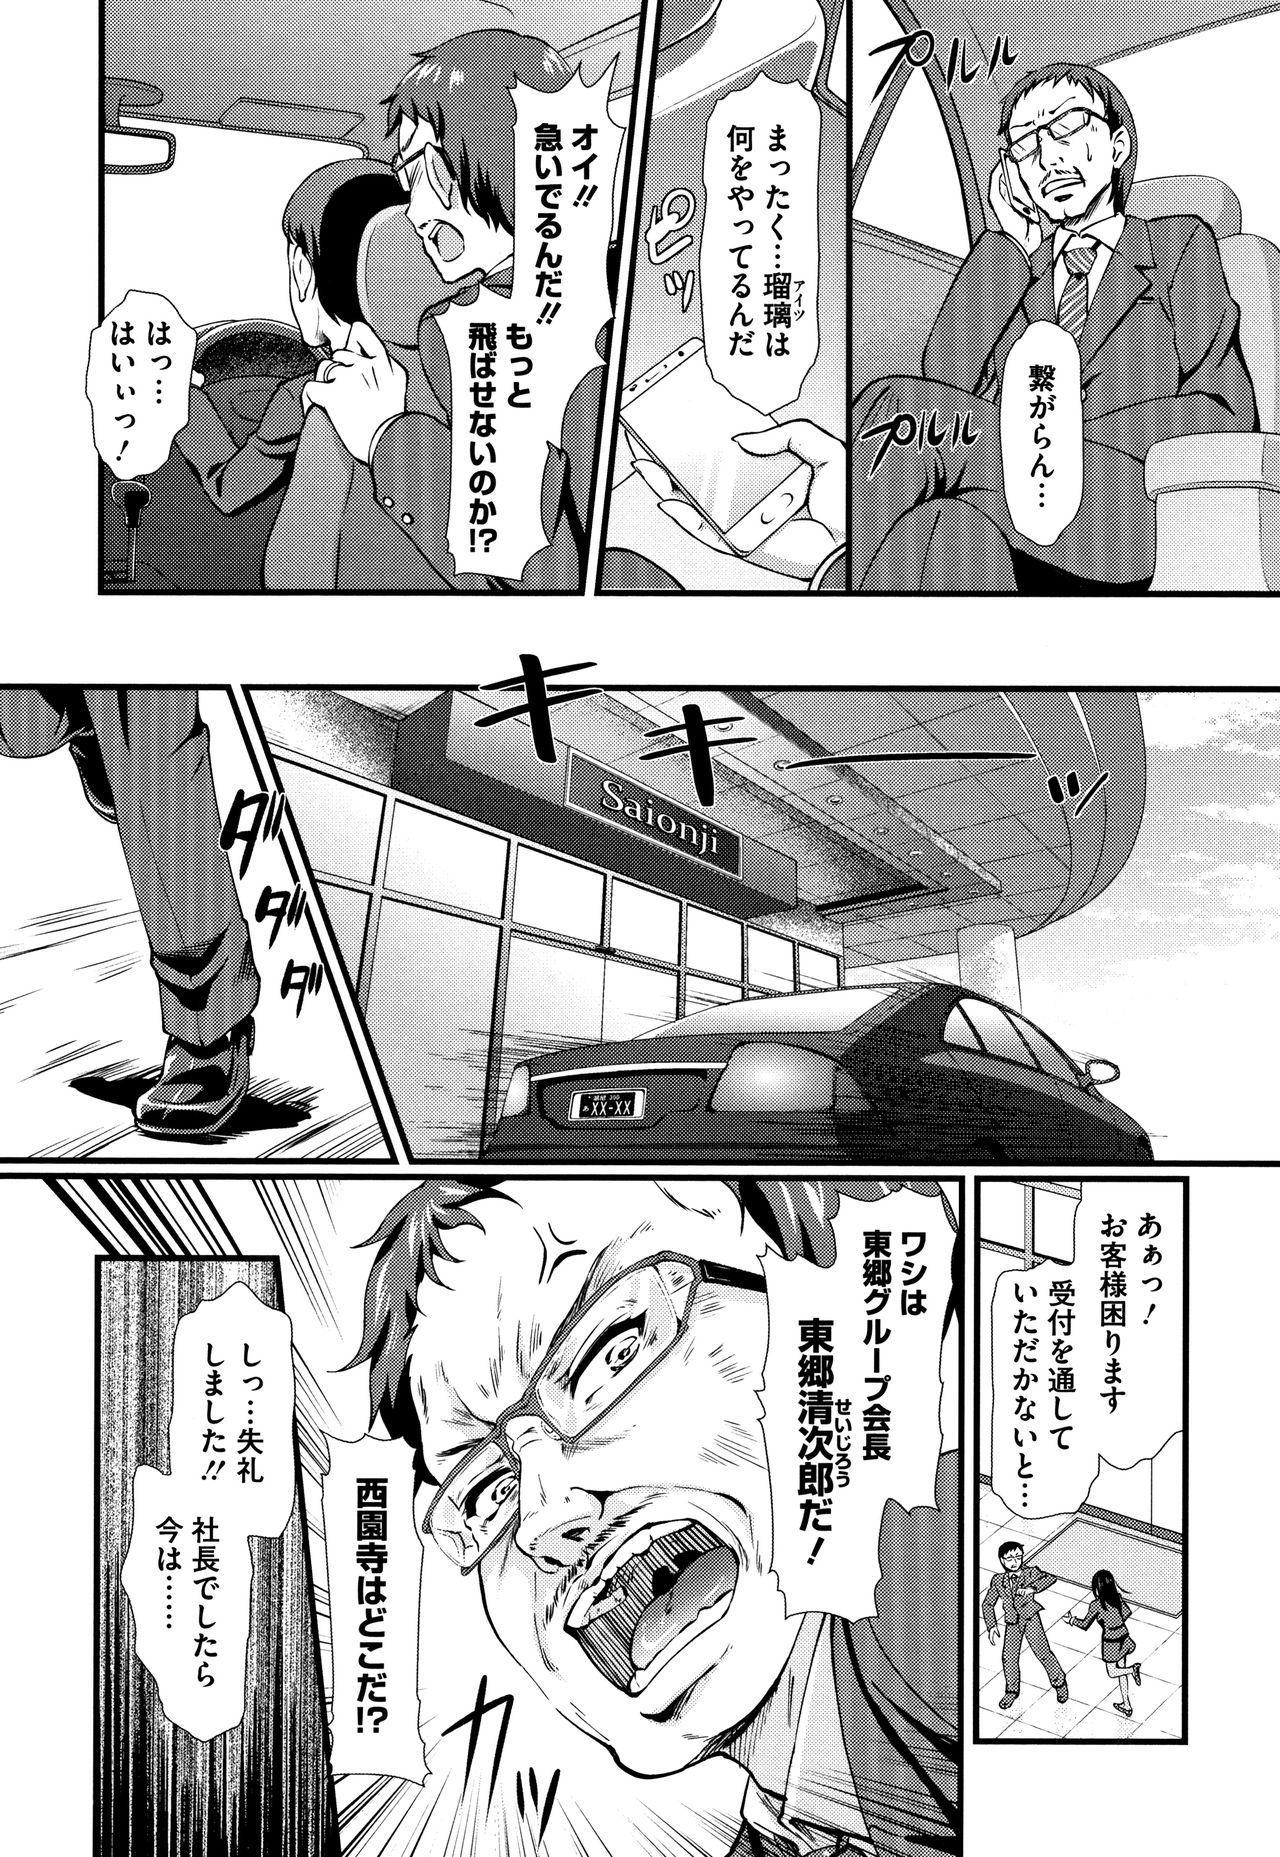 Gusai no Tawamure 40